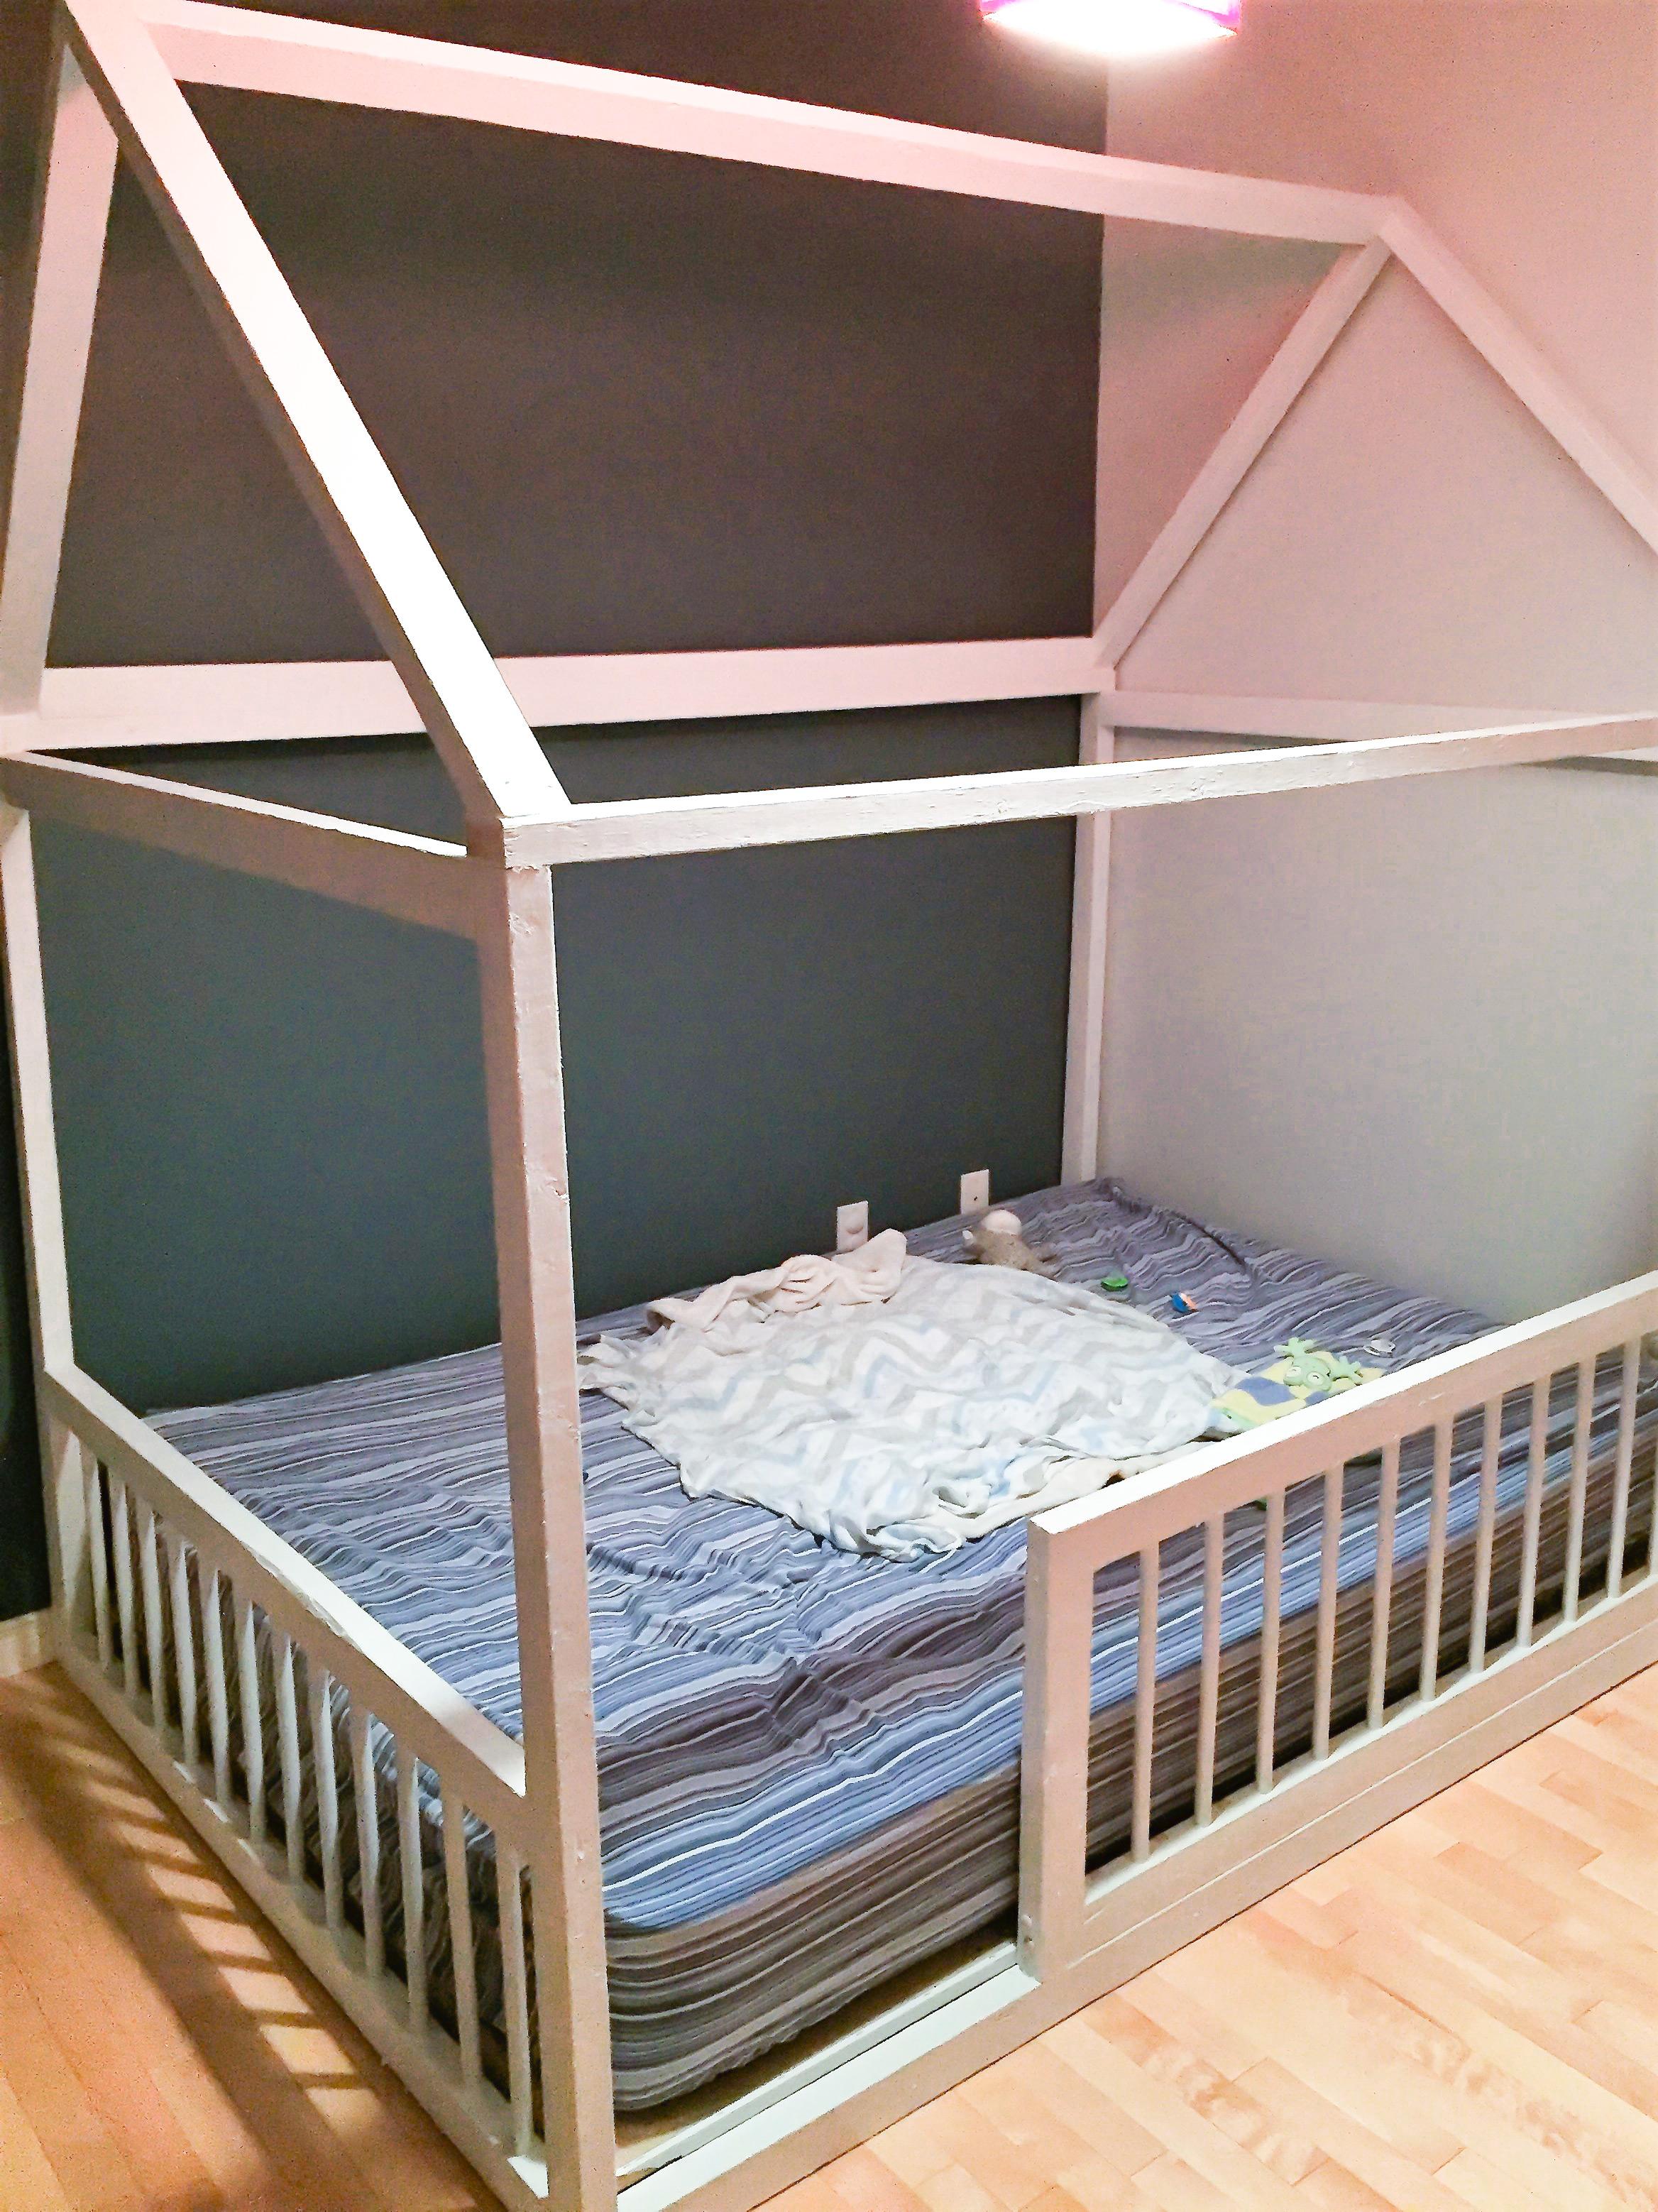 Fabriquer Lit Cabane Montessori comment faire soi-même son lit montessori pour bébé | sparks